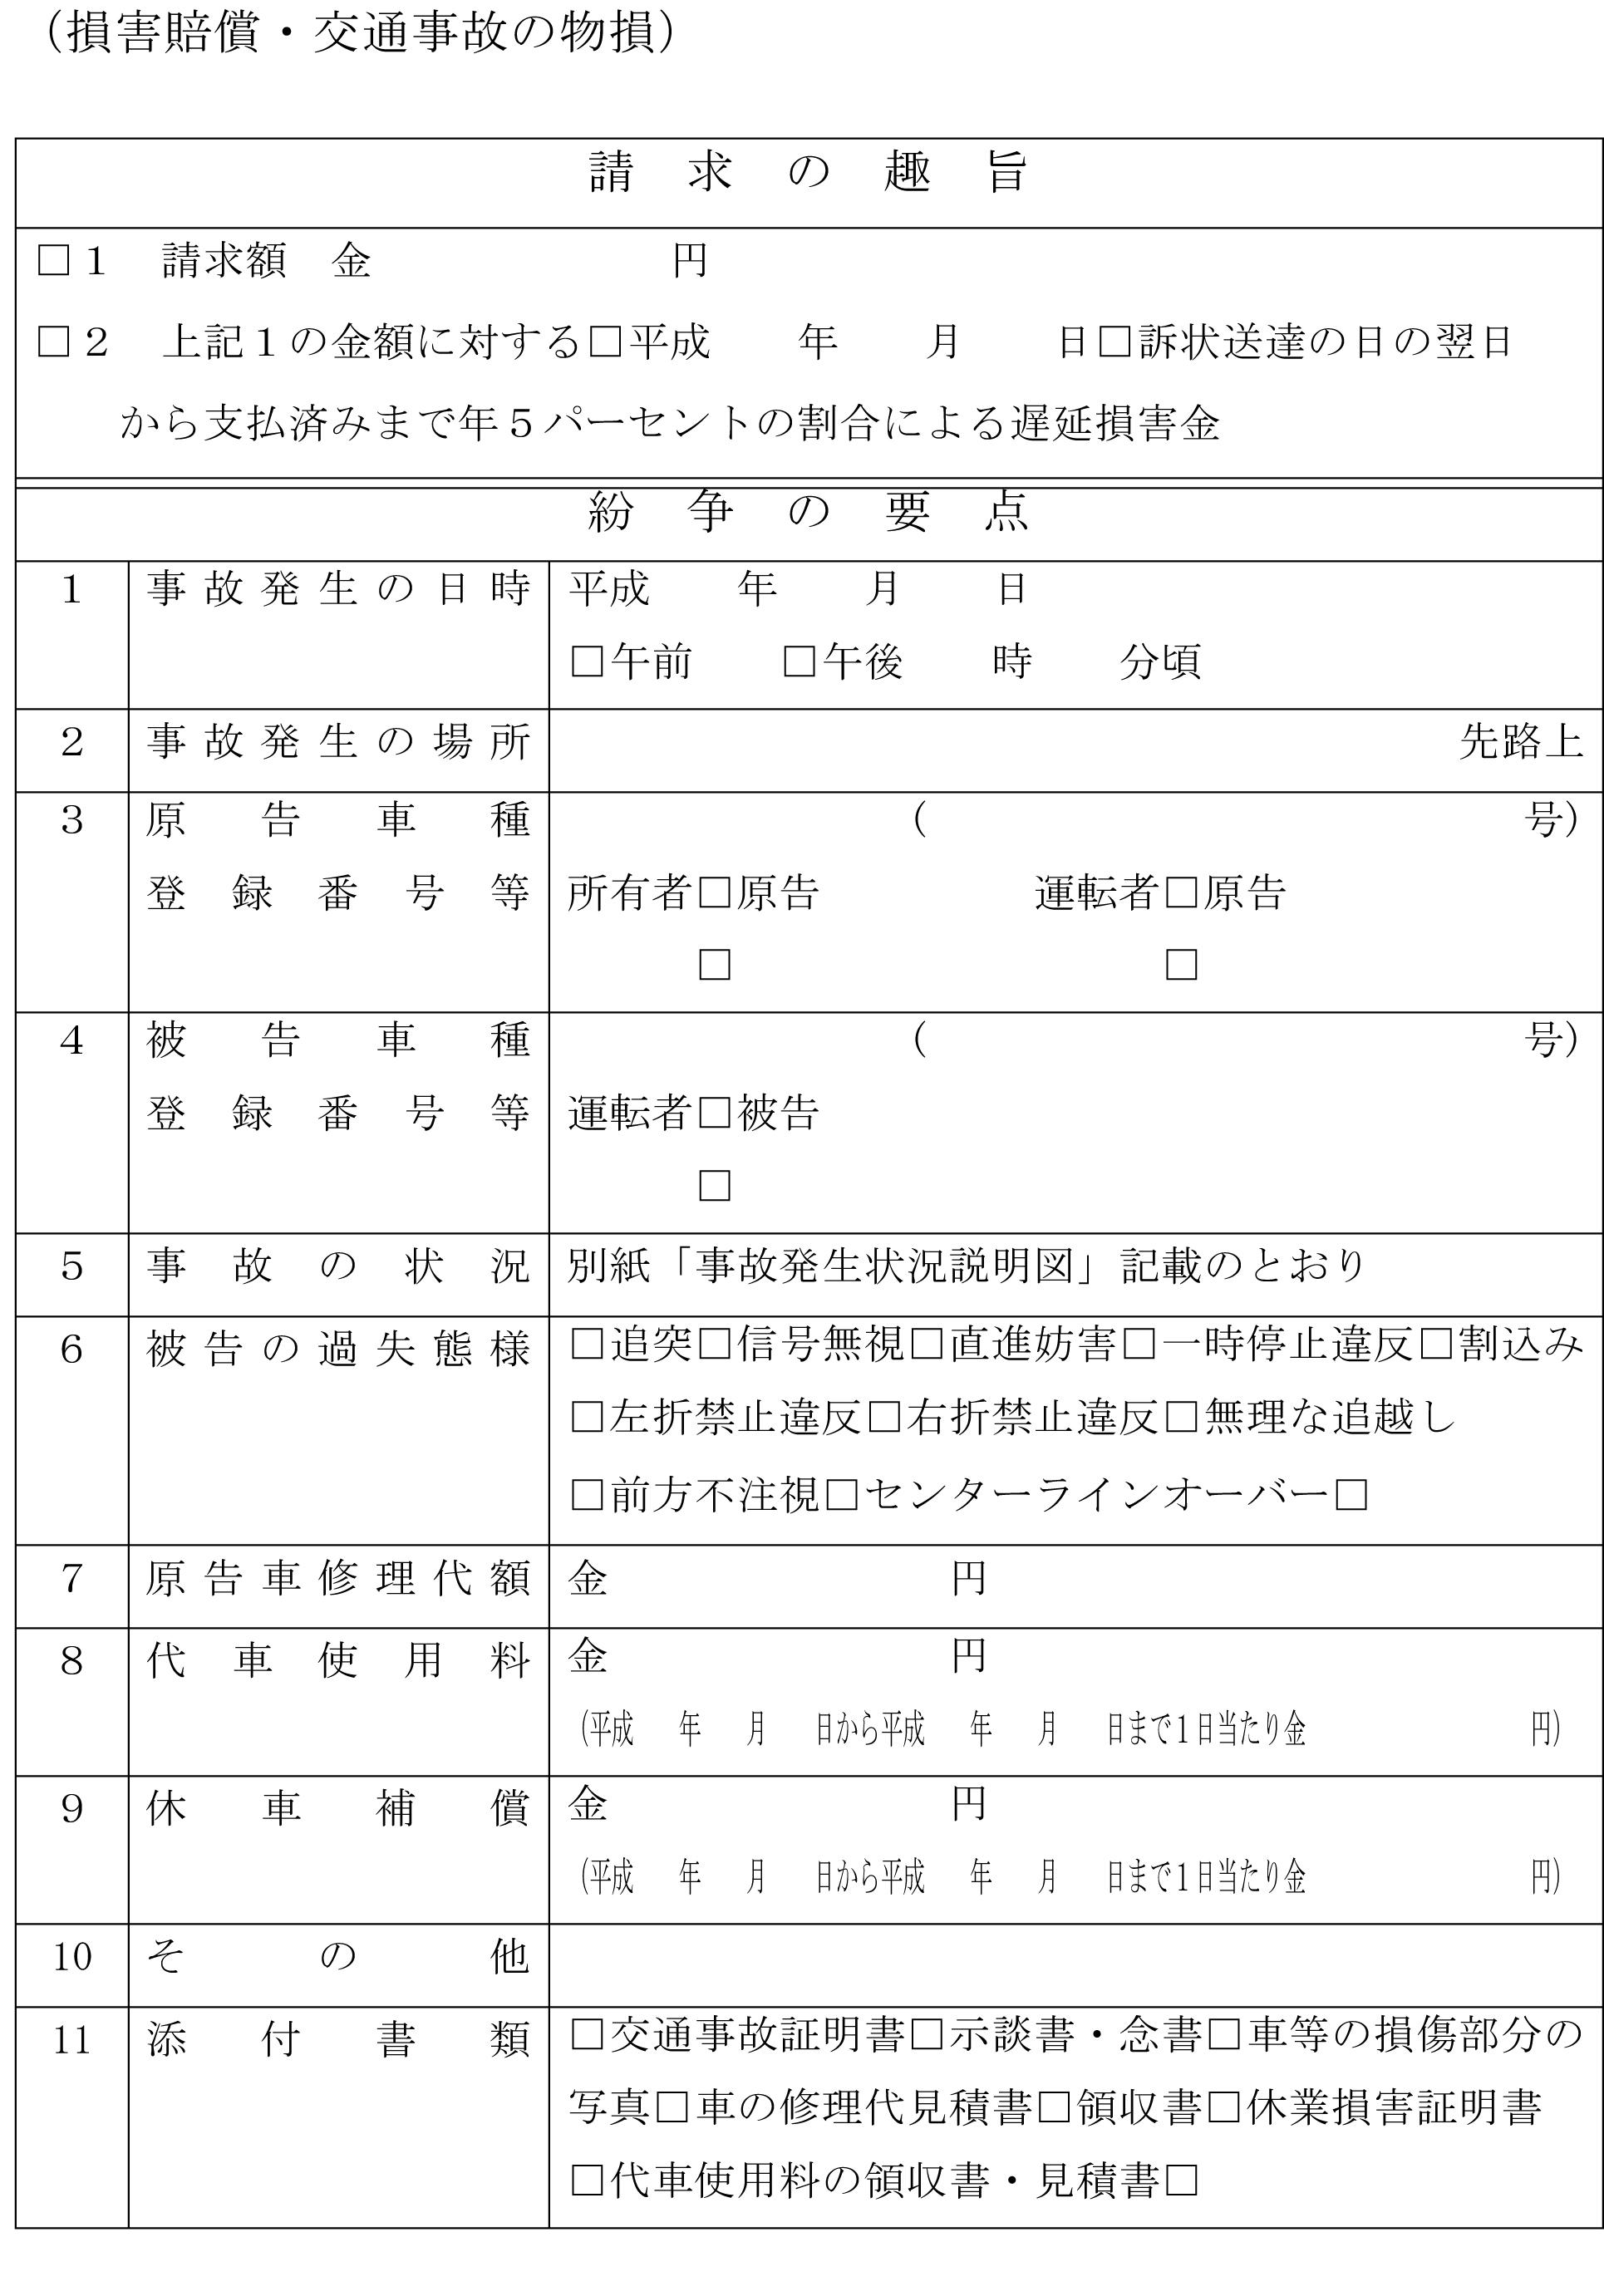 請求書(損害賠償・交通事故の物損)